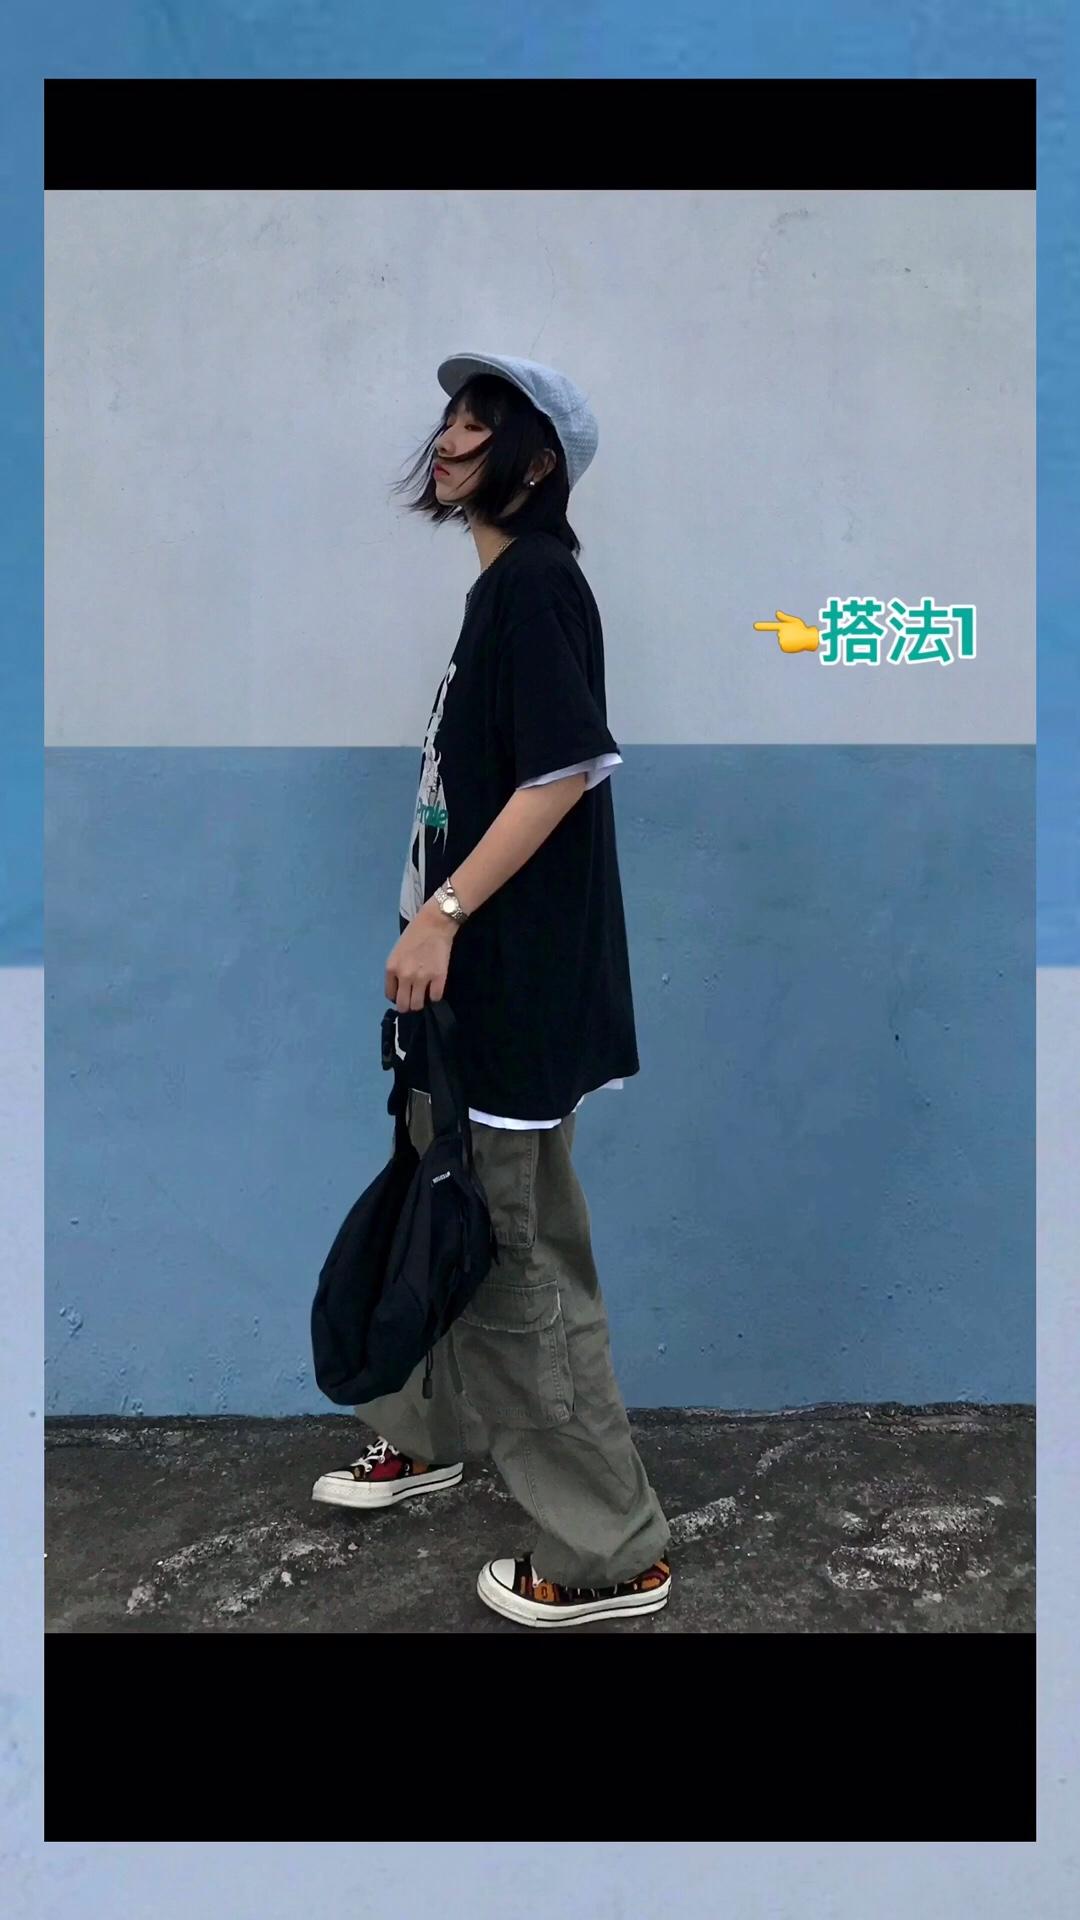 帅气女孩工装风,一件工装裤的两种搭配~ 在同一套搭配的基础上,增加一件工装衬衫整体会变得不一样哦~一起来get #夏日简约风,高级又消暑#